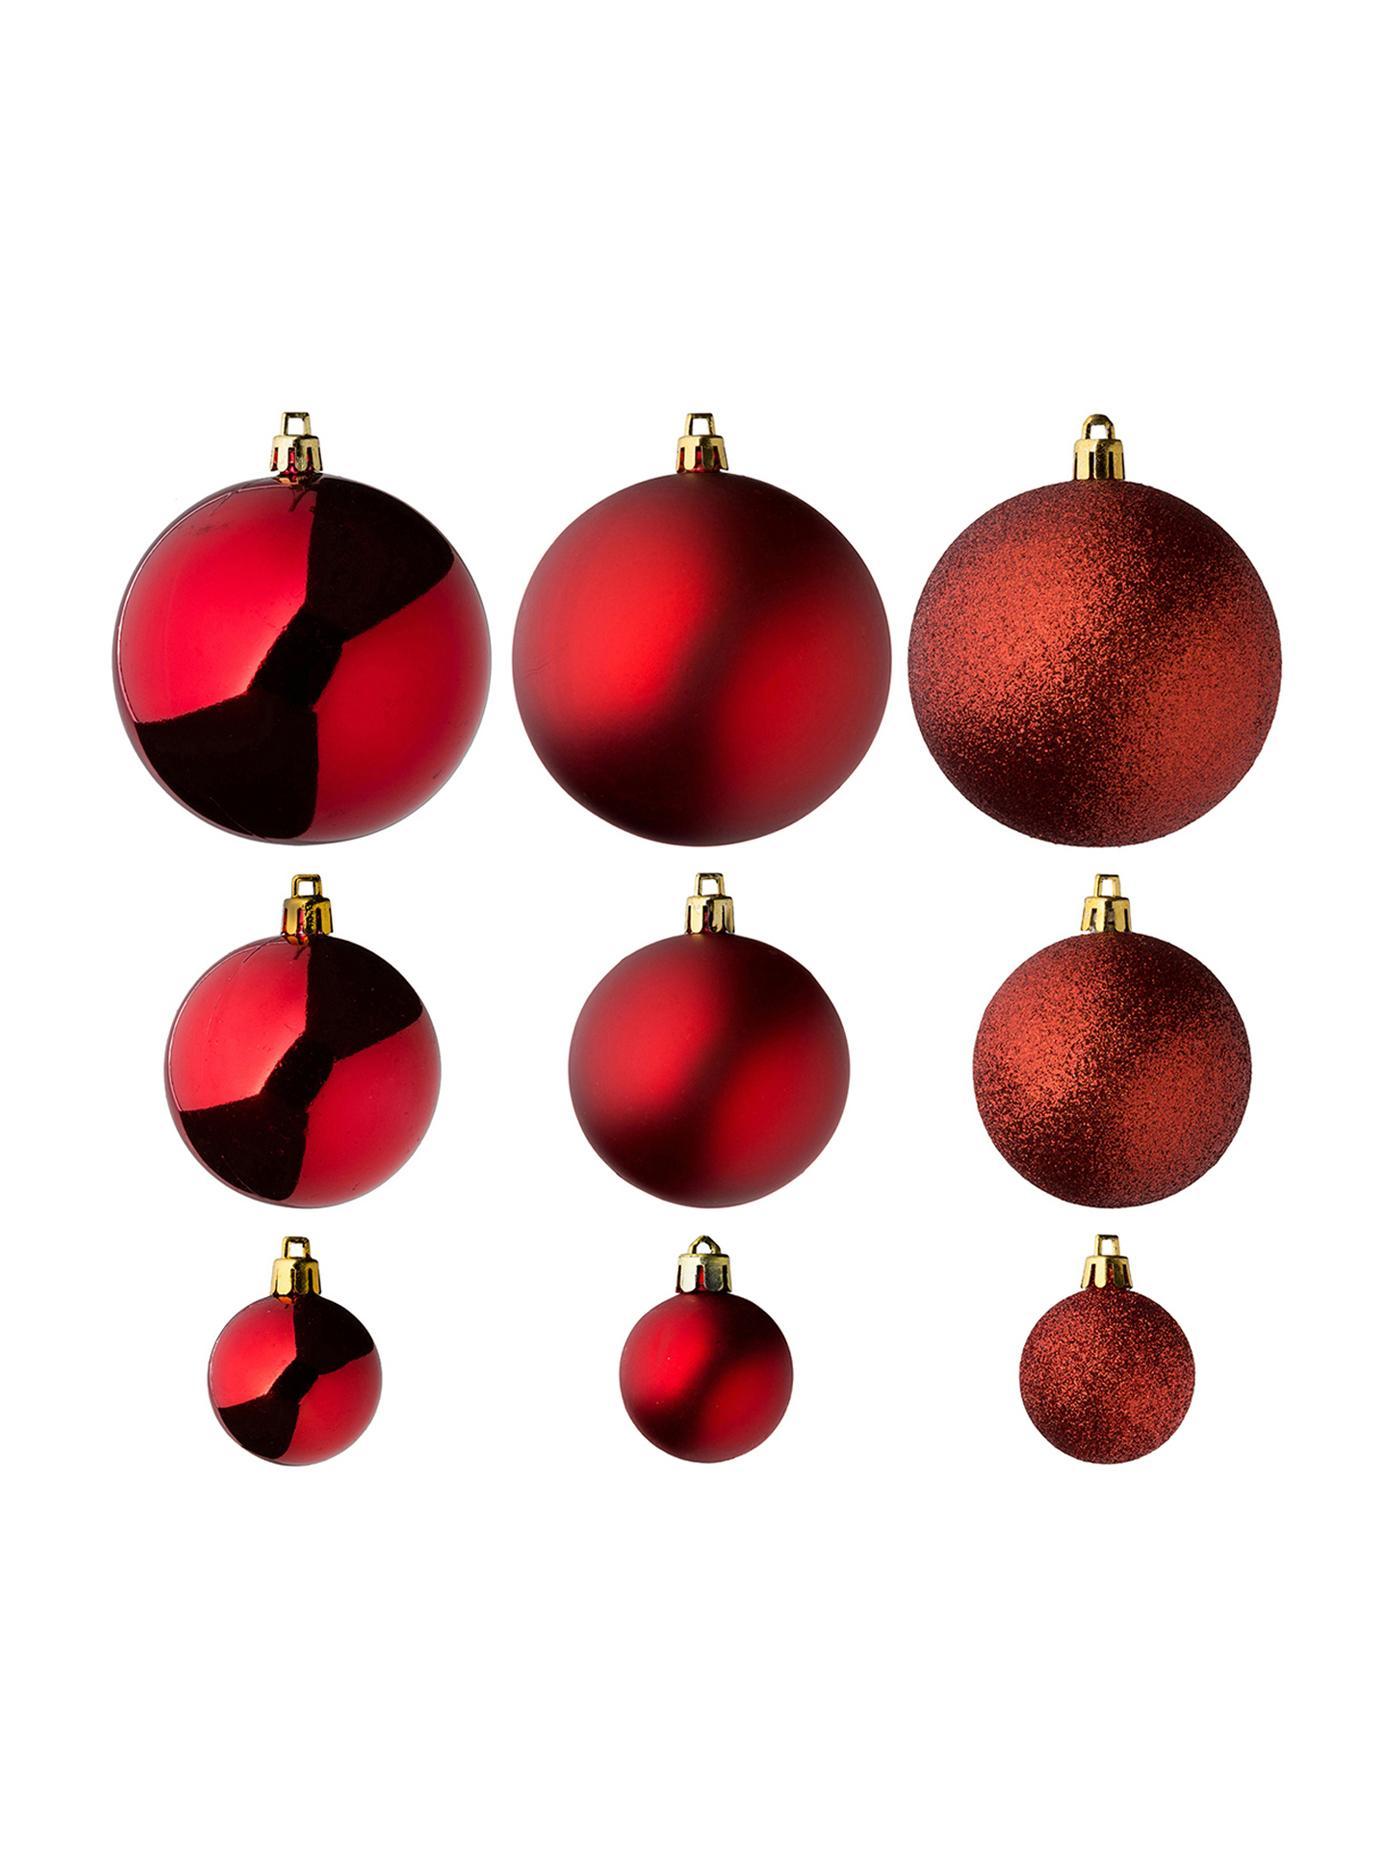 Kerstballenset Silvia, 46-delig, Kunststof, Rood, Verschillende formaten